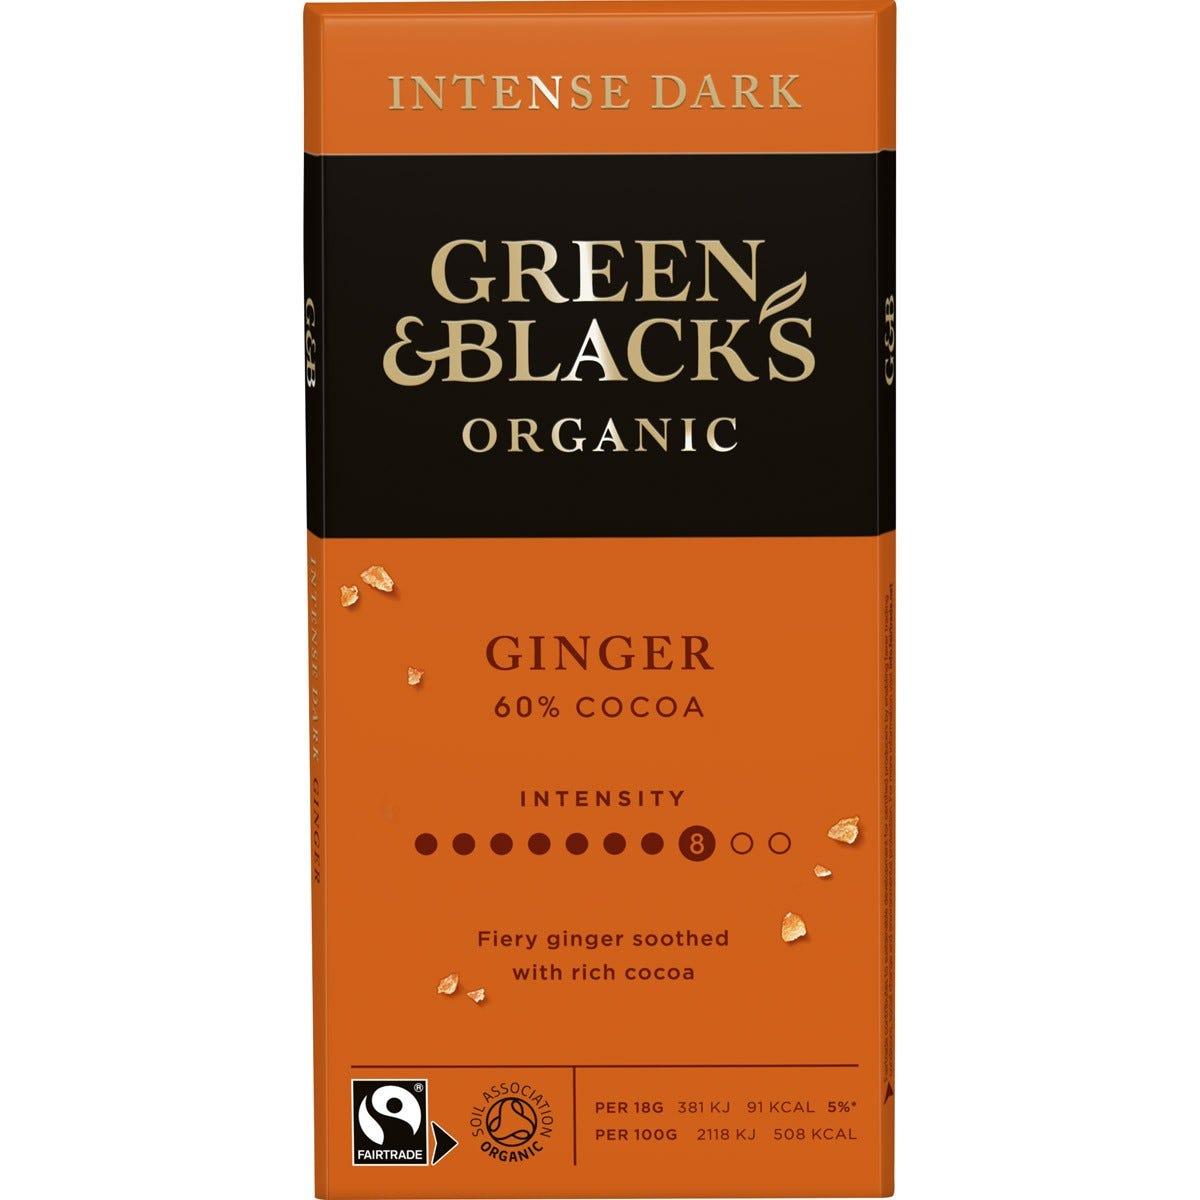 GB Organic Ginger 90g Bar (Box of 15)